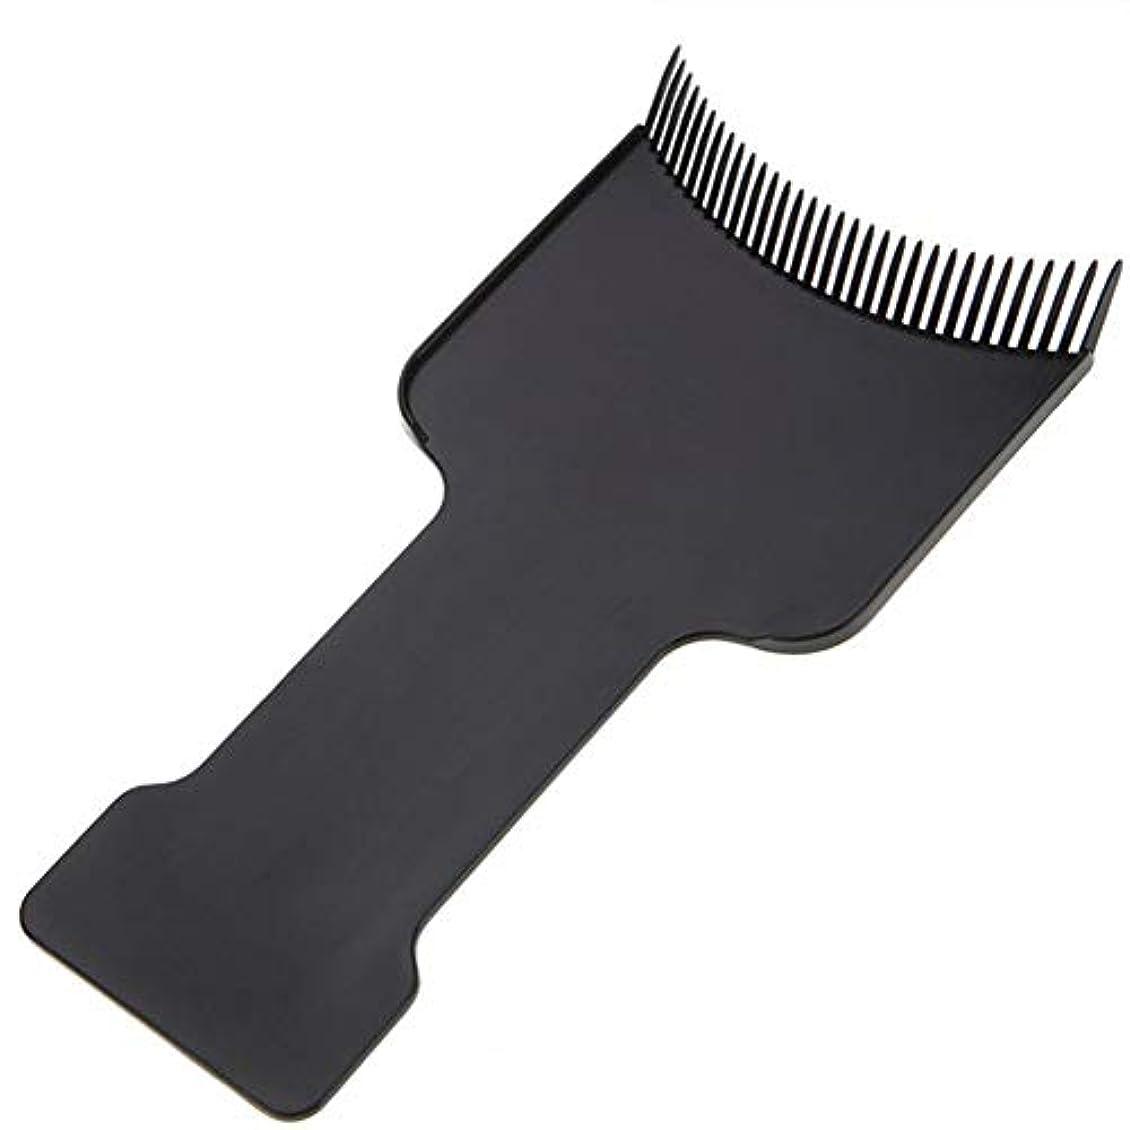 他の場所リンス非難AIMERKUP 理髪サロンヘアカラーリング染色ボードヘアトリートメントケアピックカラーボードくし理髪ツール frugal friendly